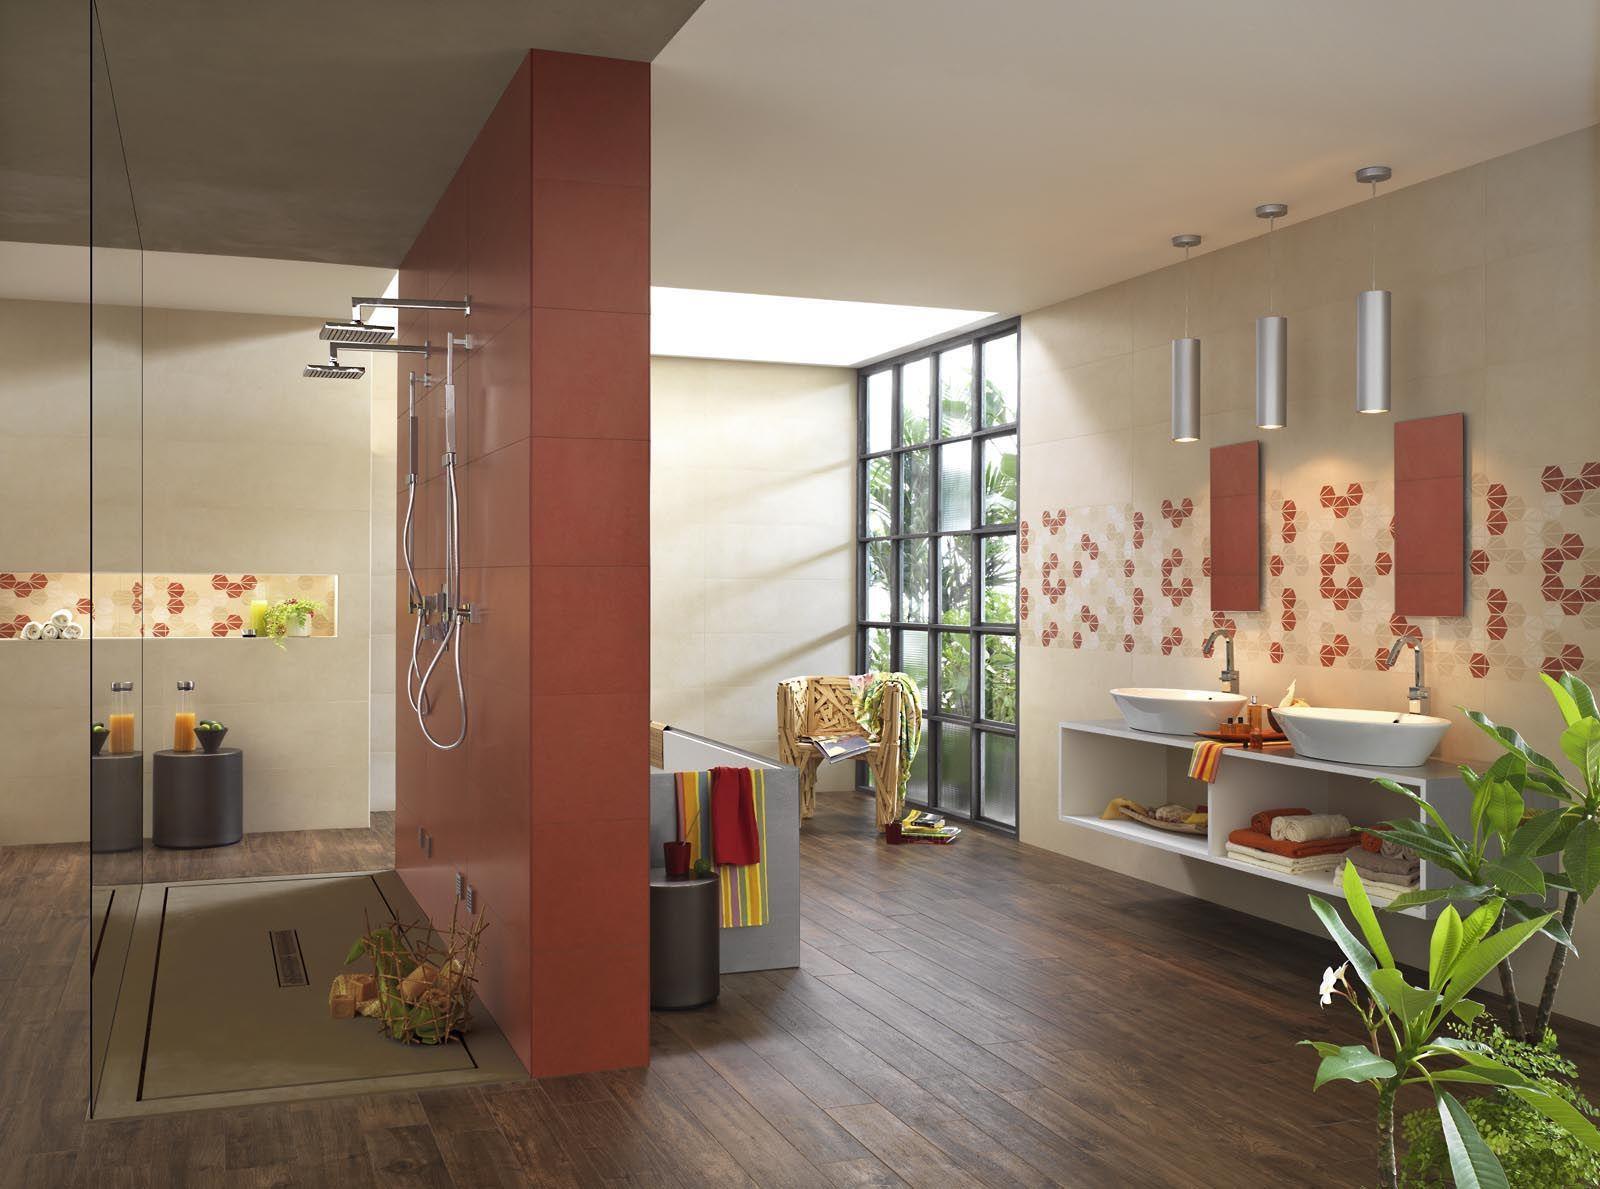 Oficina7 – ceramica per rivestimenti bagni | Marazzi